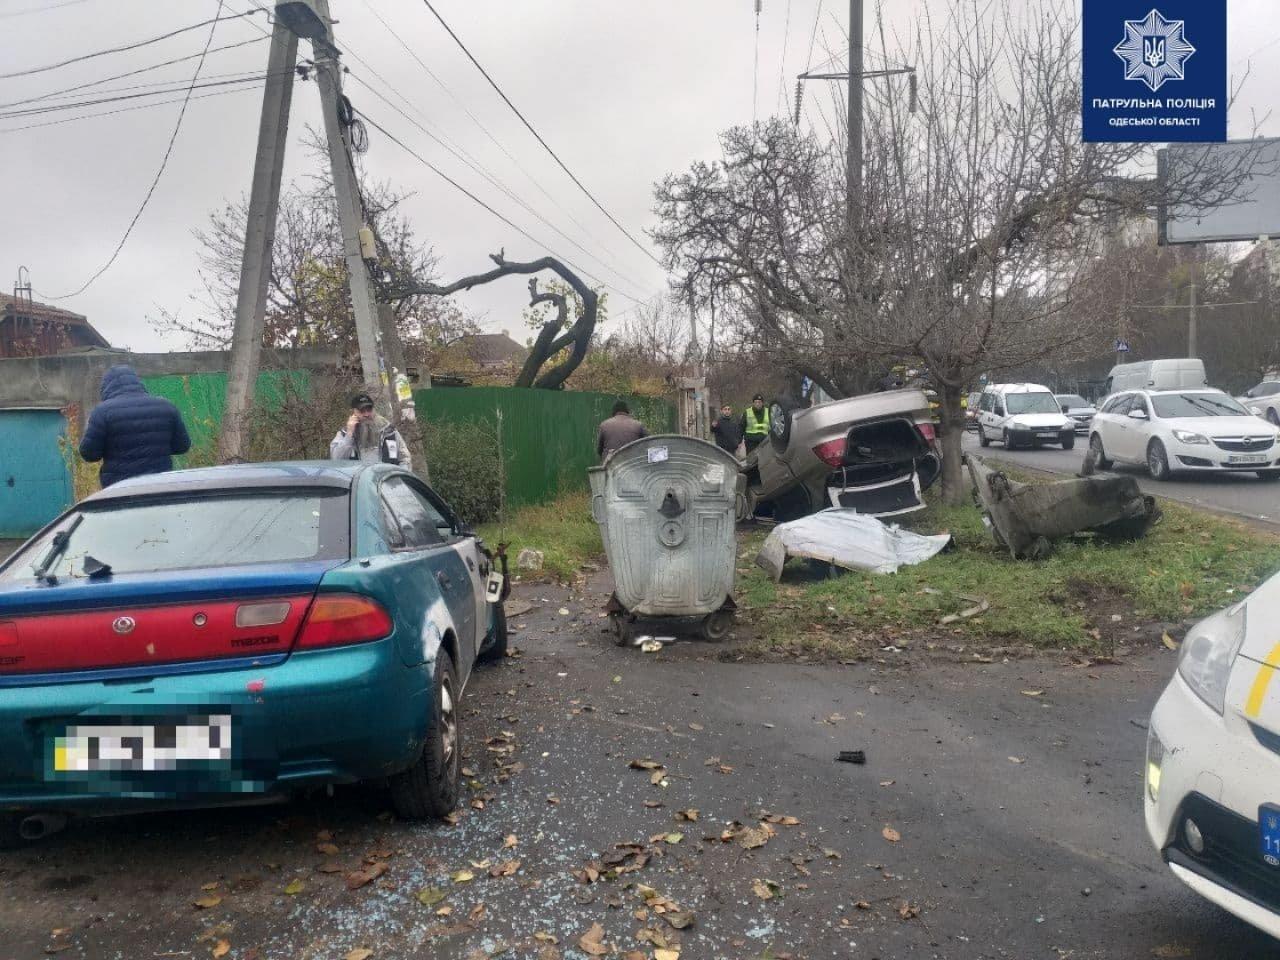 Выехал на встречку: в Одессе столкнулись два автомобиля, один из которых перевернулся, - ФОТО, фото-1